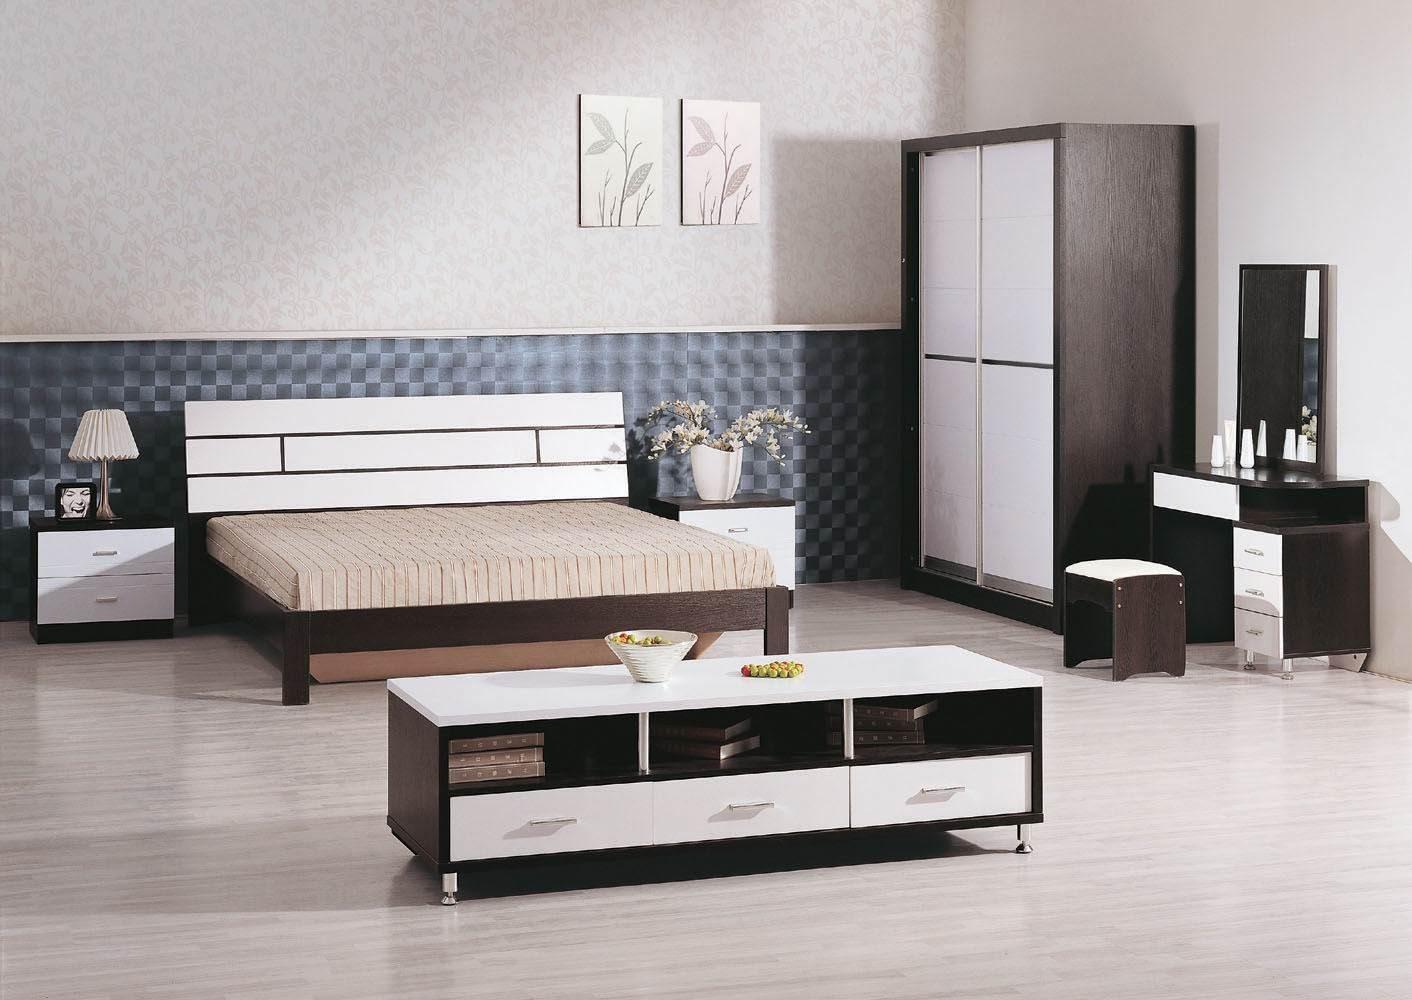 Muebles modernos para dormitorios im genes y fotos - Fotos dormitorios ...